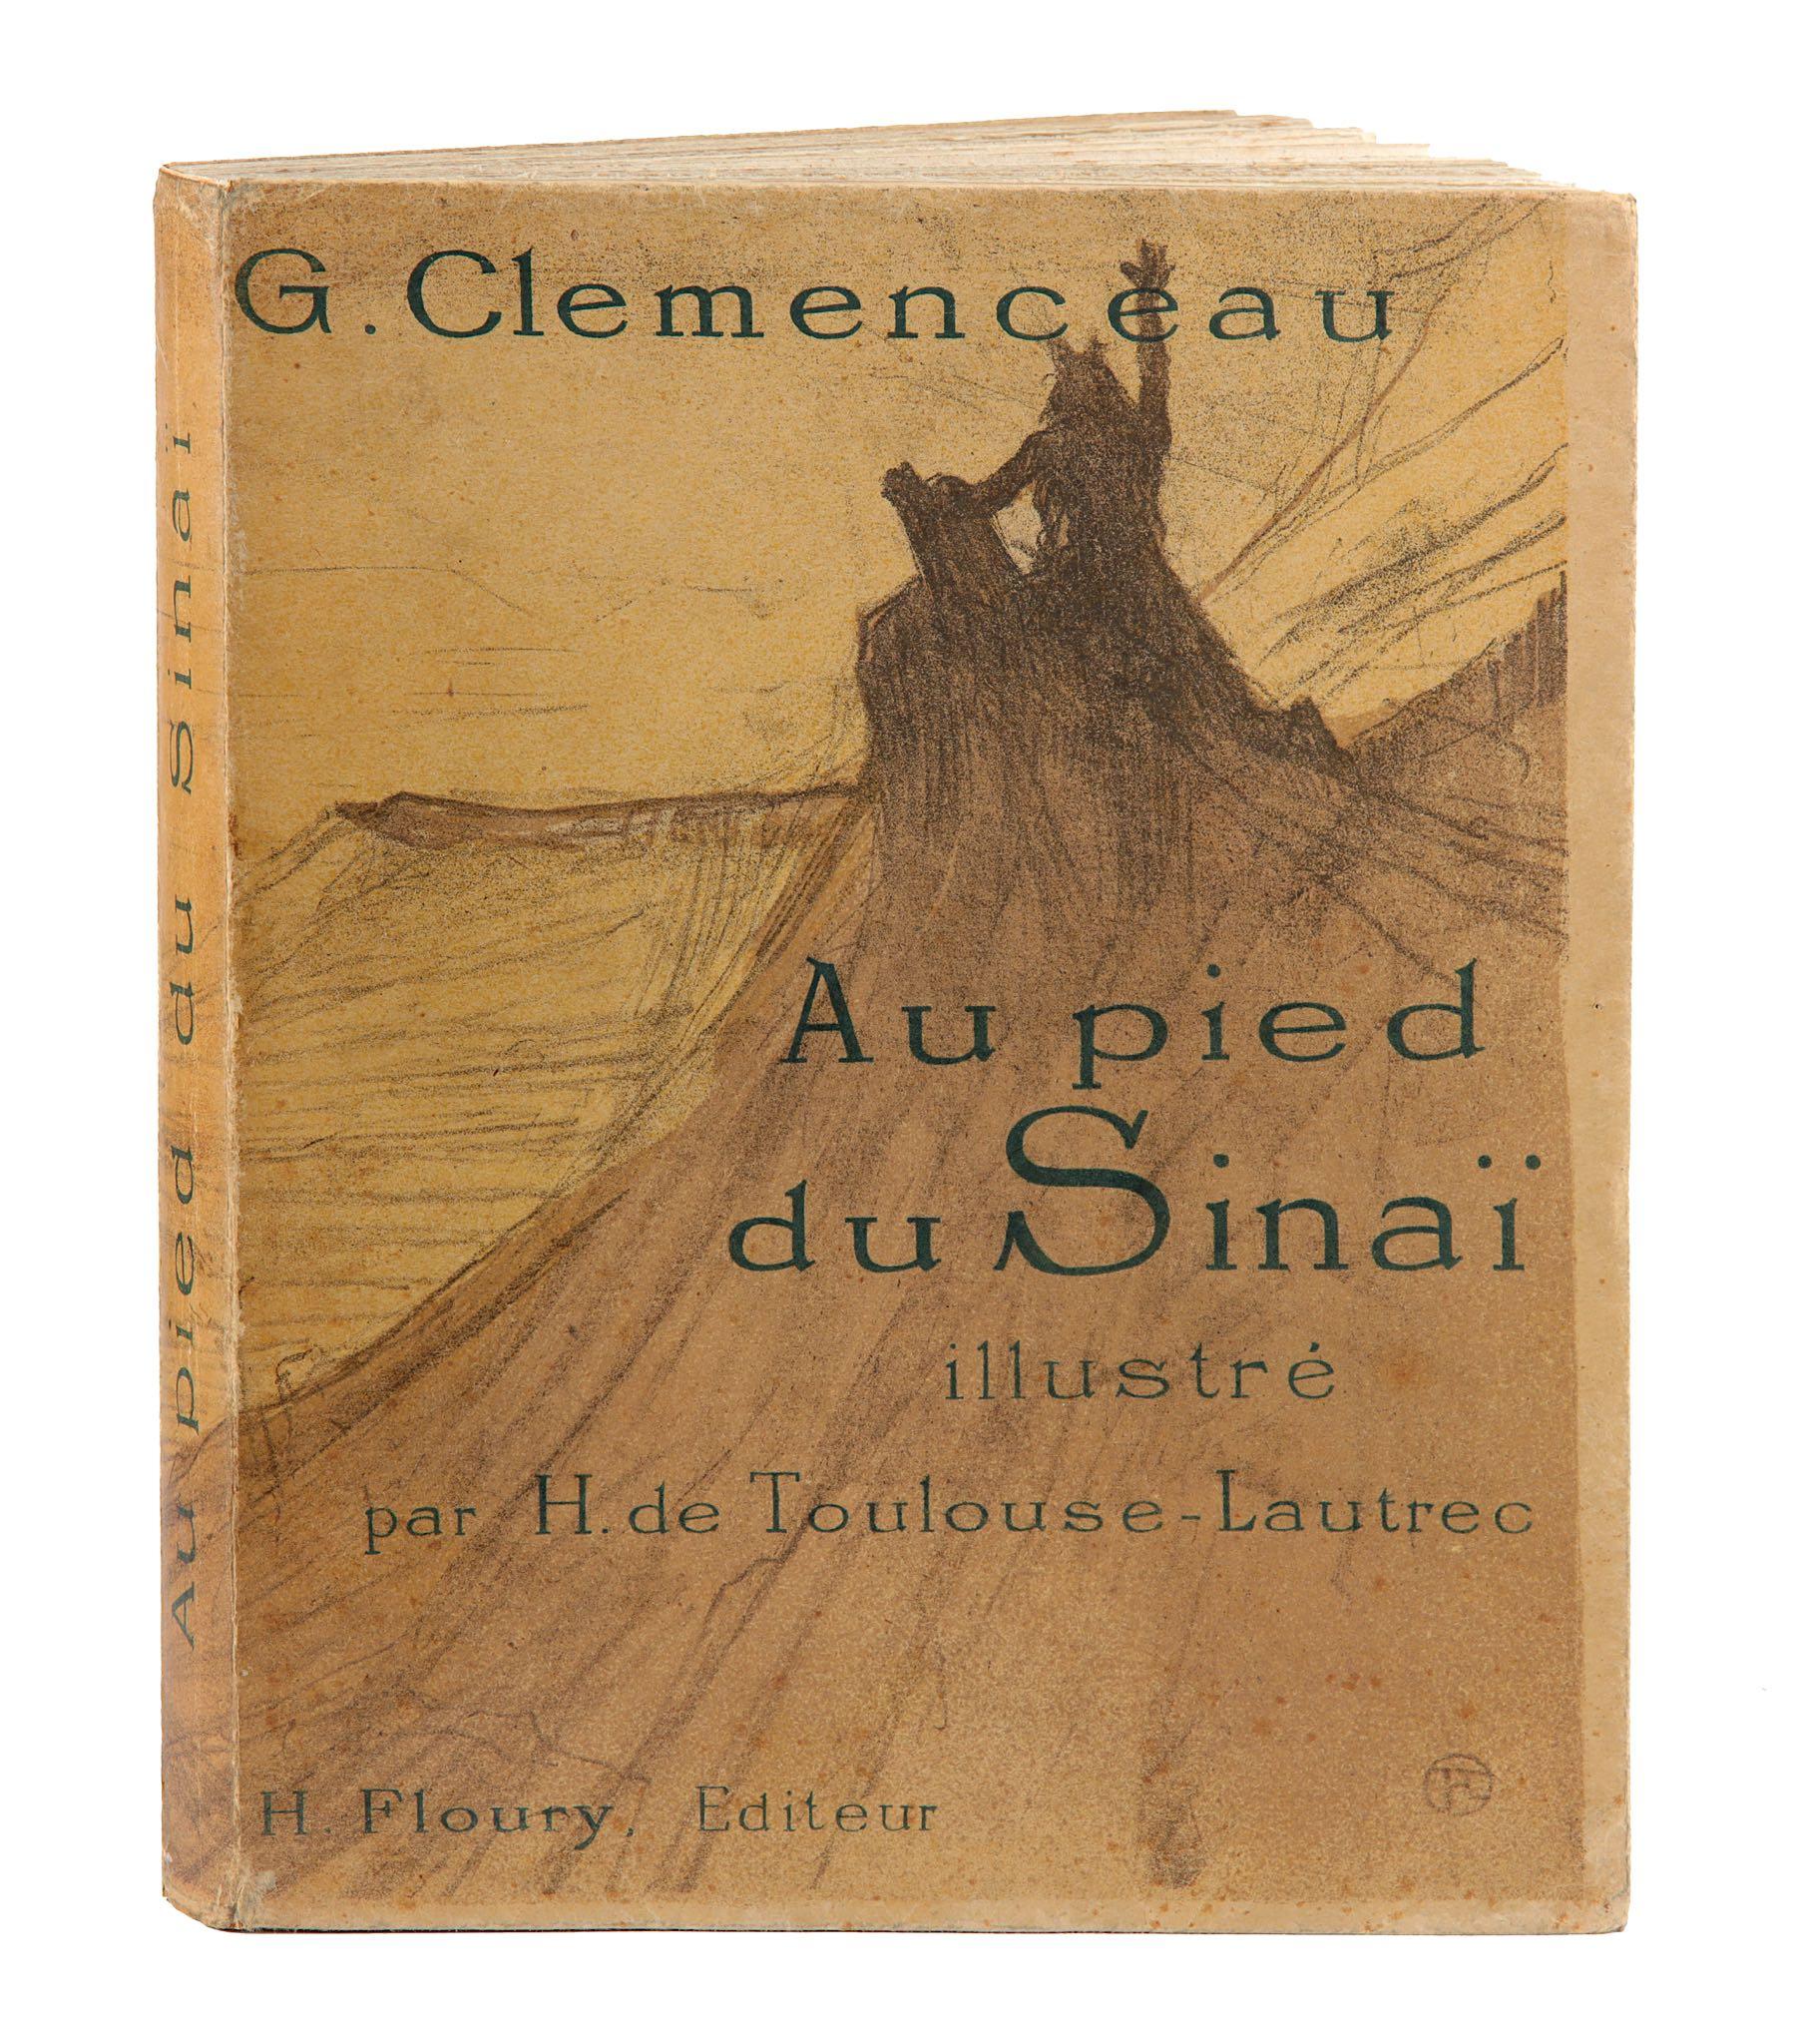 Lot 223 - Toulouse-Lautrec (Henri de).- Clemenceau(Georges